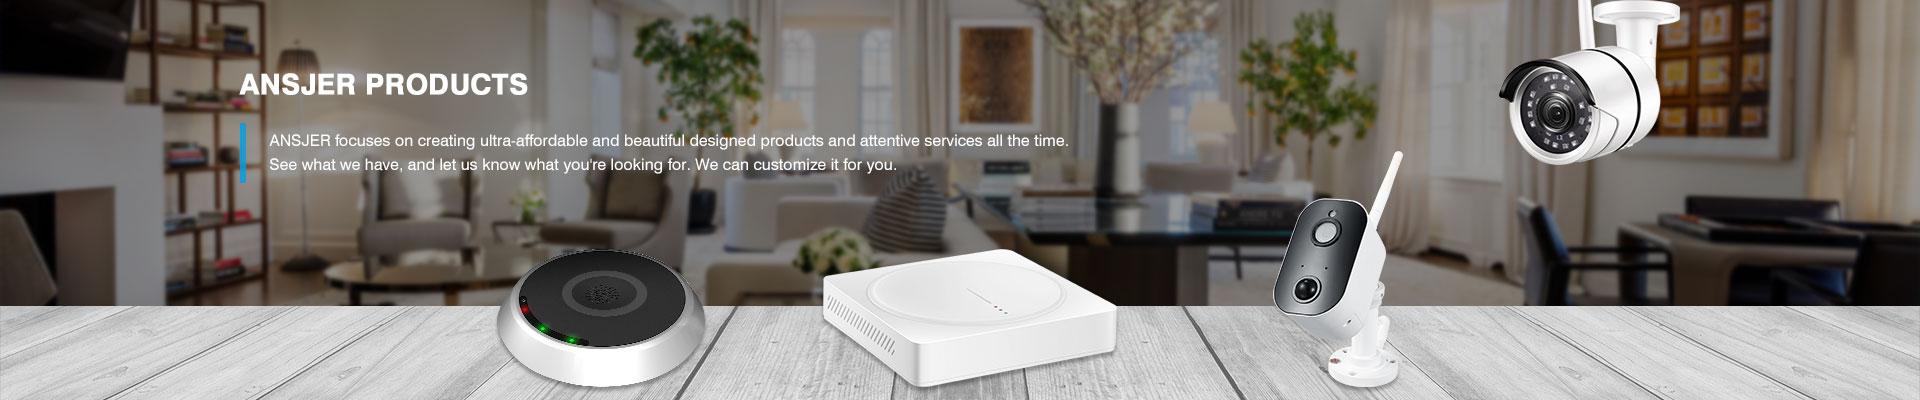 home surveillance cameras-Ansjer cctv